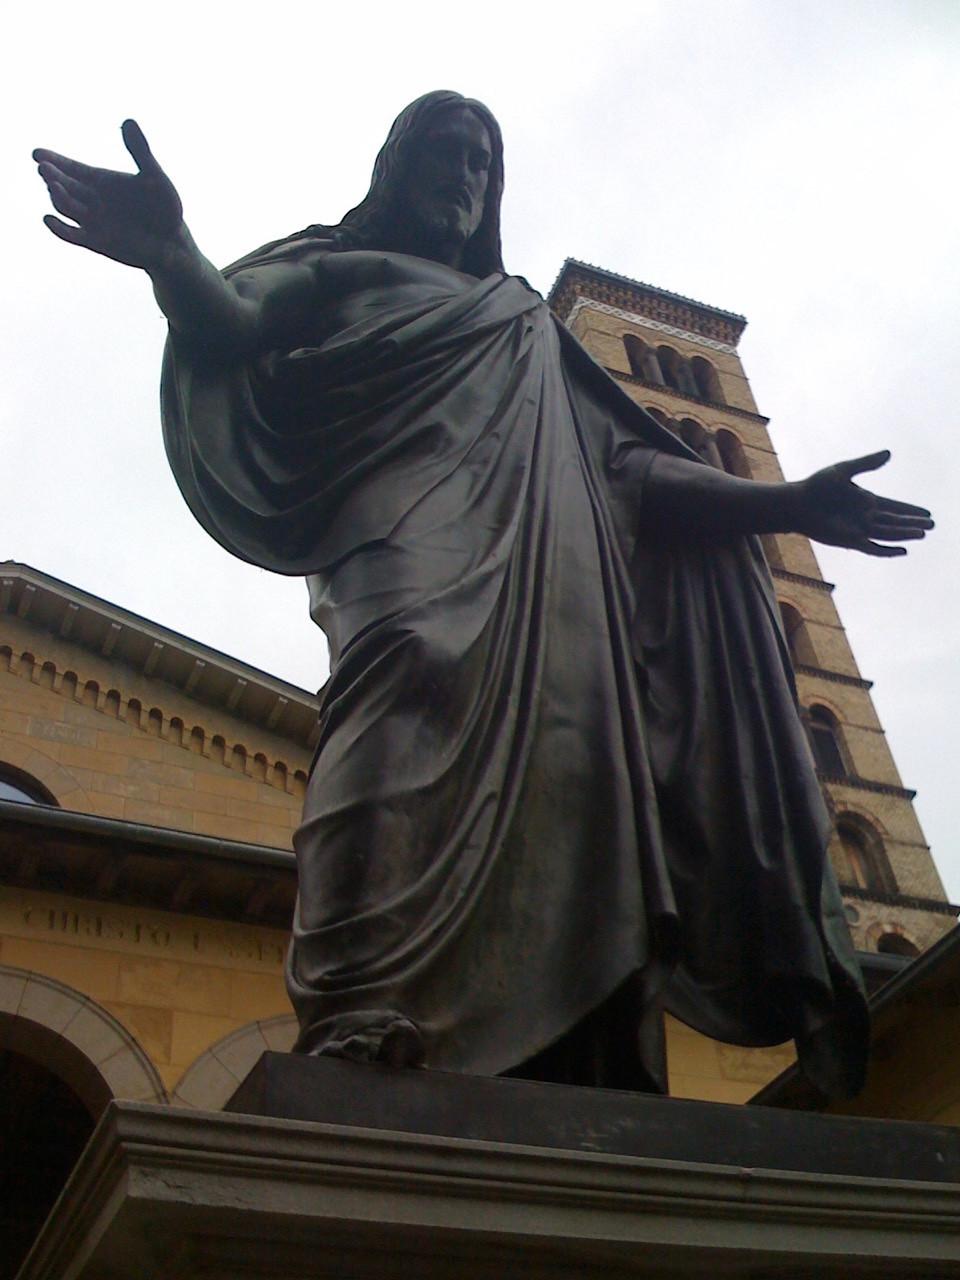 Eine große Statue von Jesus mit ausgebreiteten Armen von unten aufgenommen